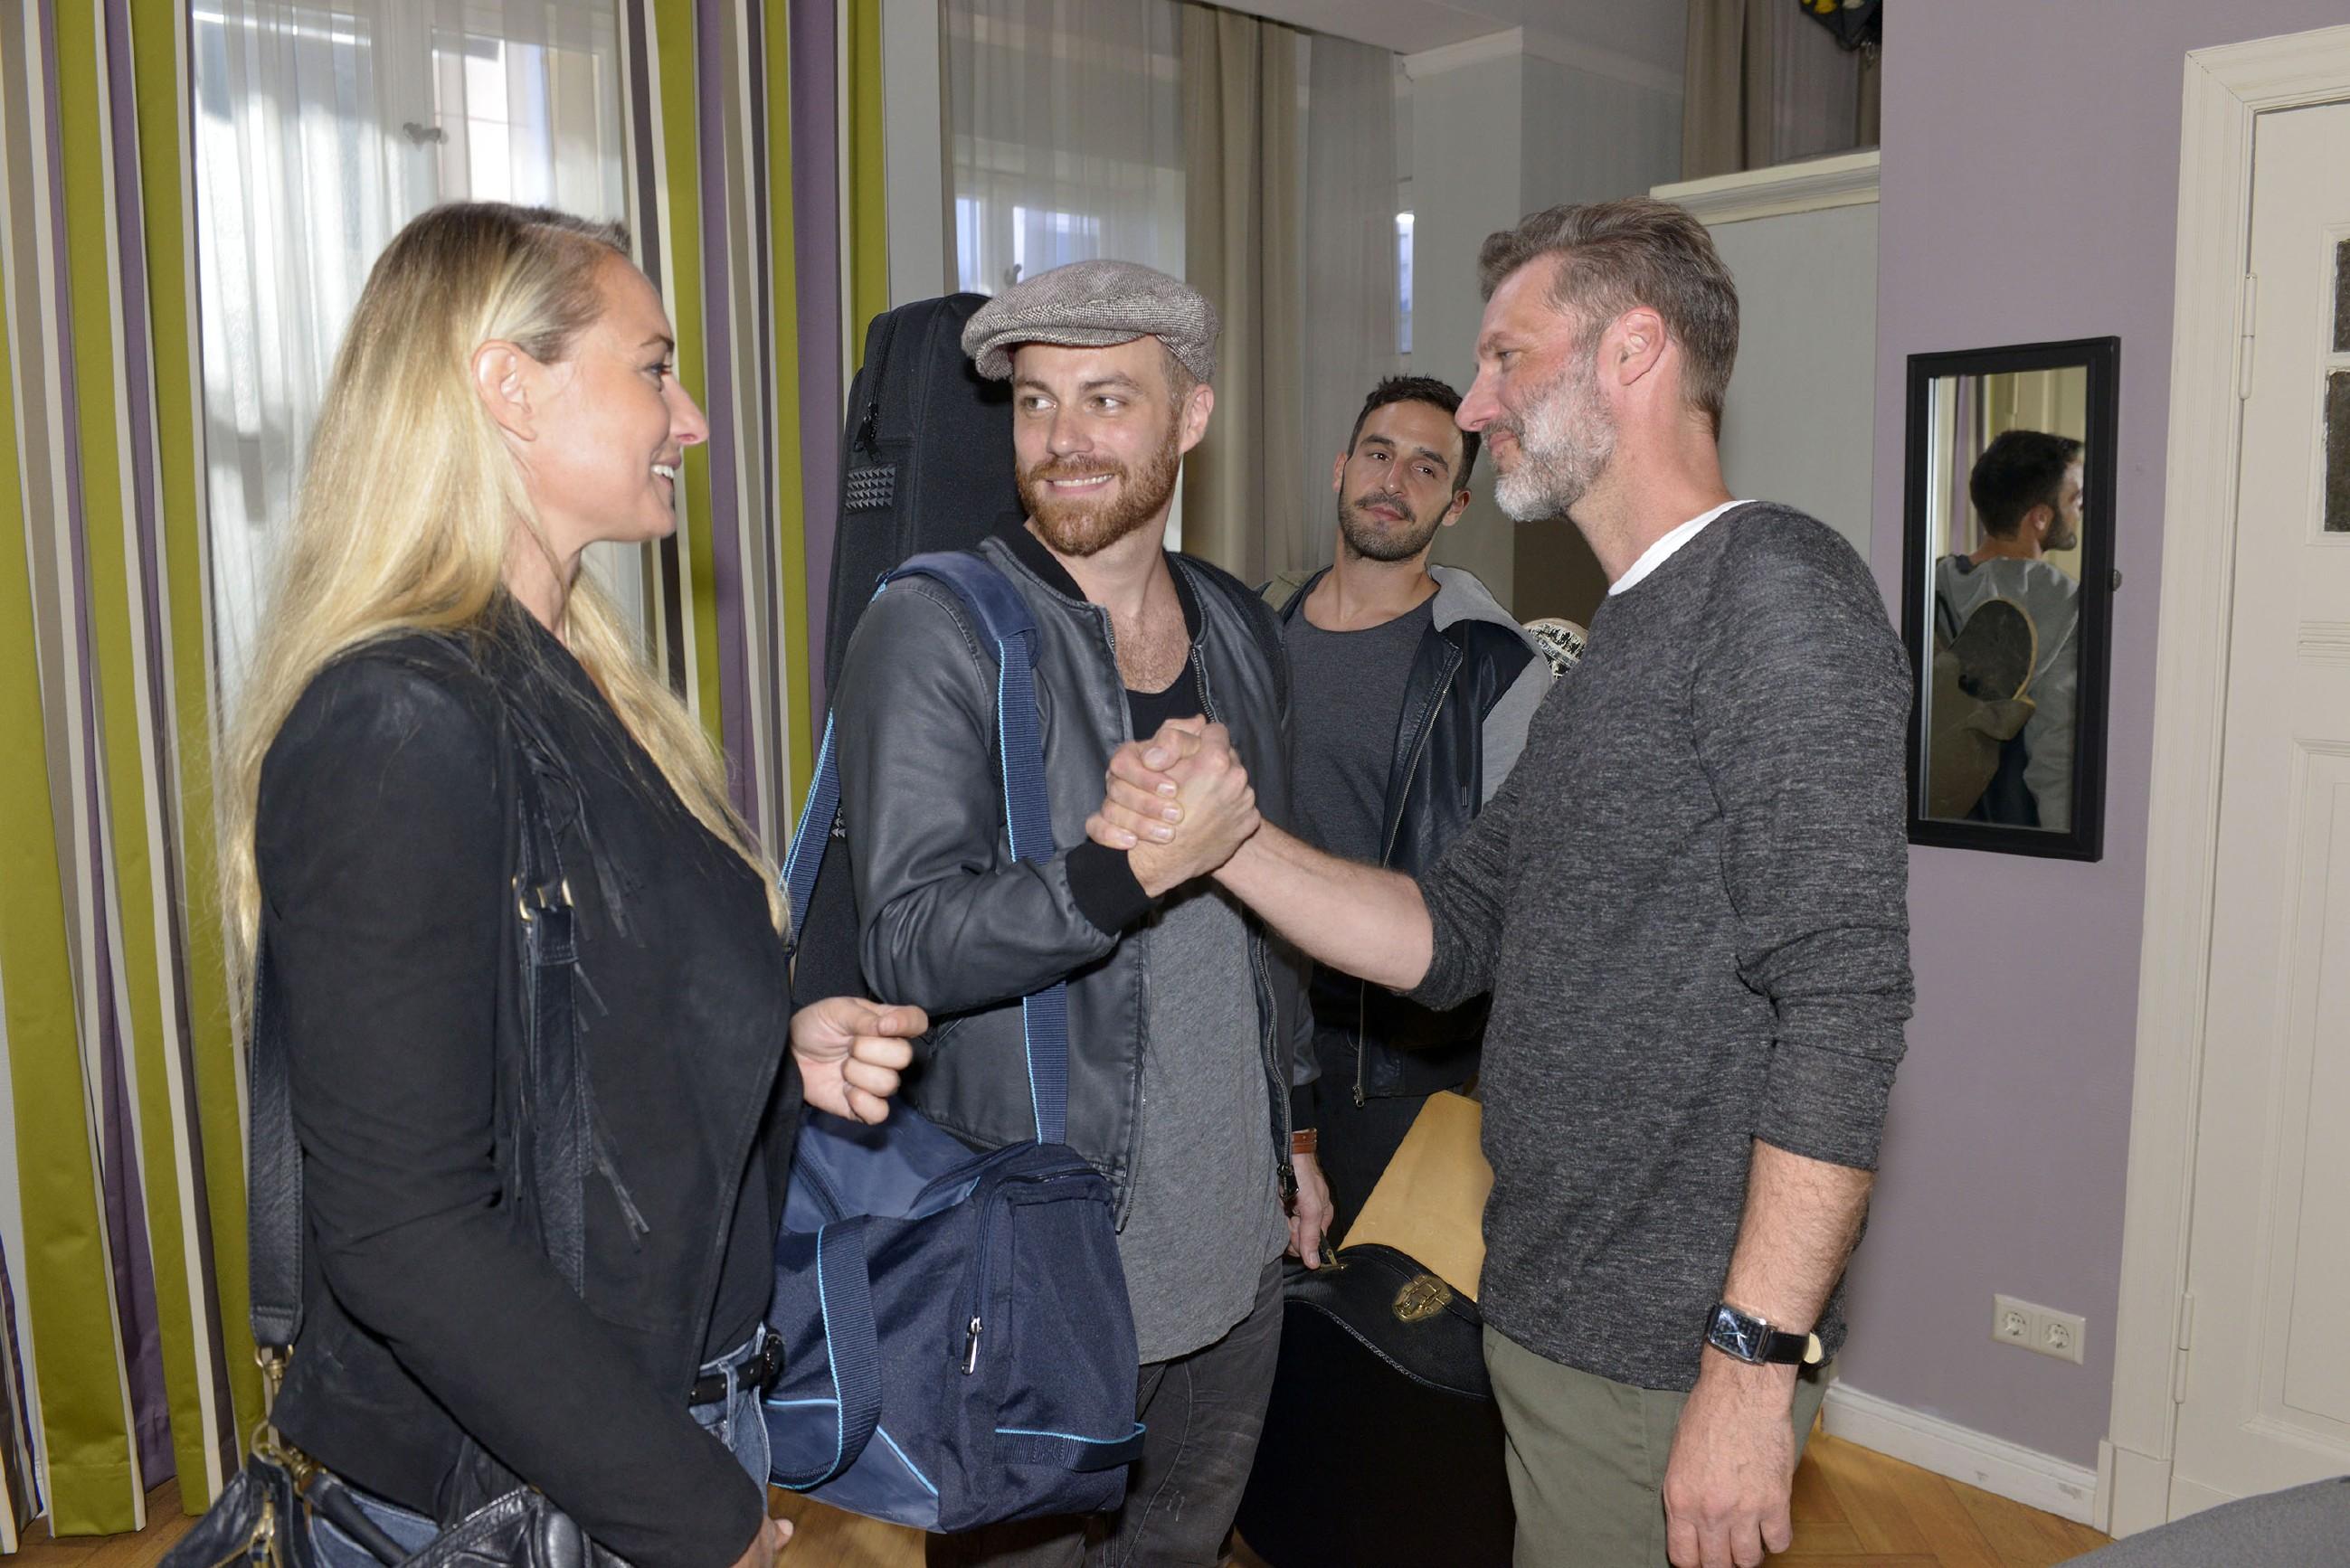 """Maren (Eva Mona Rodekirchen) hat die""""Pieska""""-Bandmitglieder Berni (2.v.l.) und Ben (2.v.r.) kurzerhand bei sich zu Hause einquartiert, sehr zur Freude von Alexander (Clemens Löhr). (Quelle: RTL / Rolf Baumgartner)"""